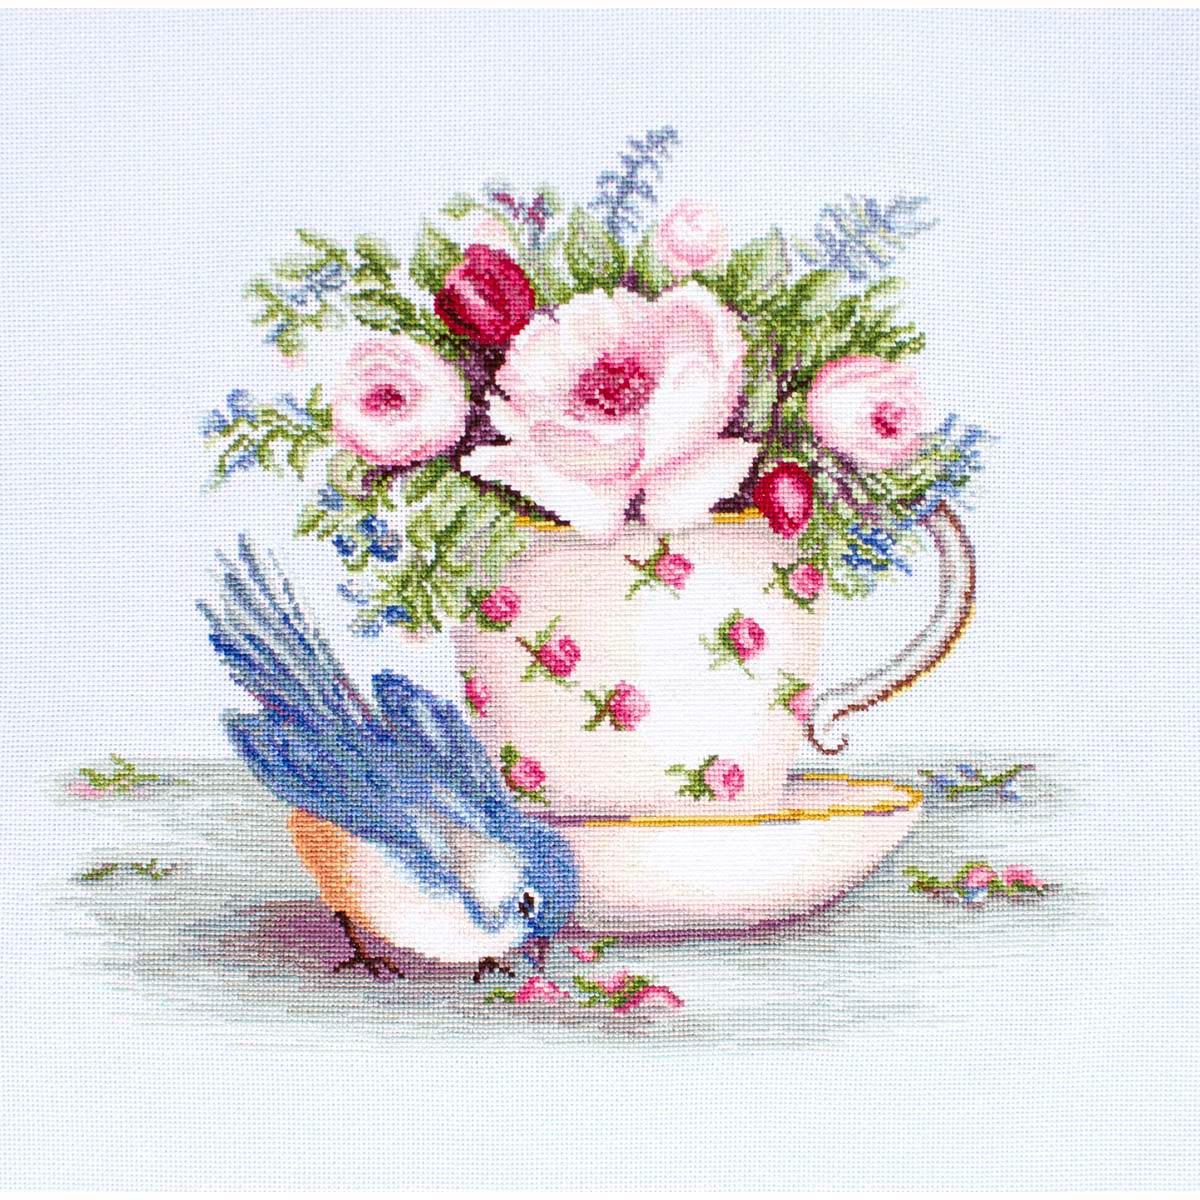 B2324 Набор для вышивания 'Птичка и чашка чая' 27,5*23,5см, Luca-S